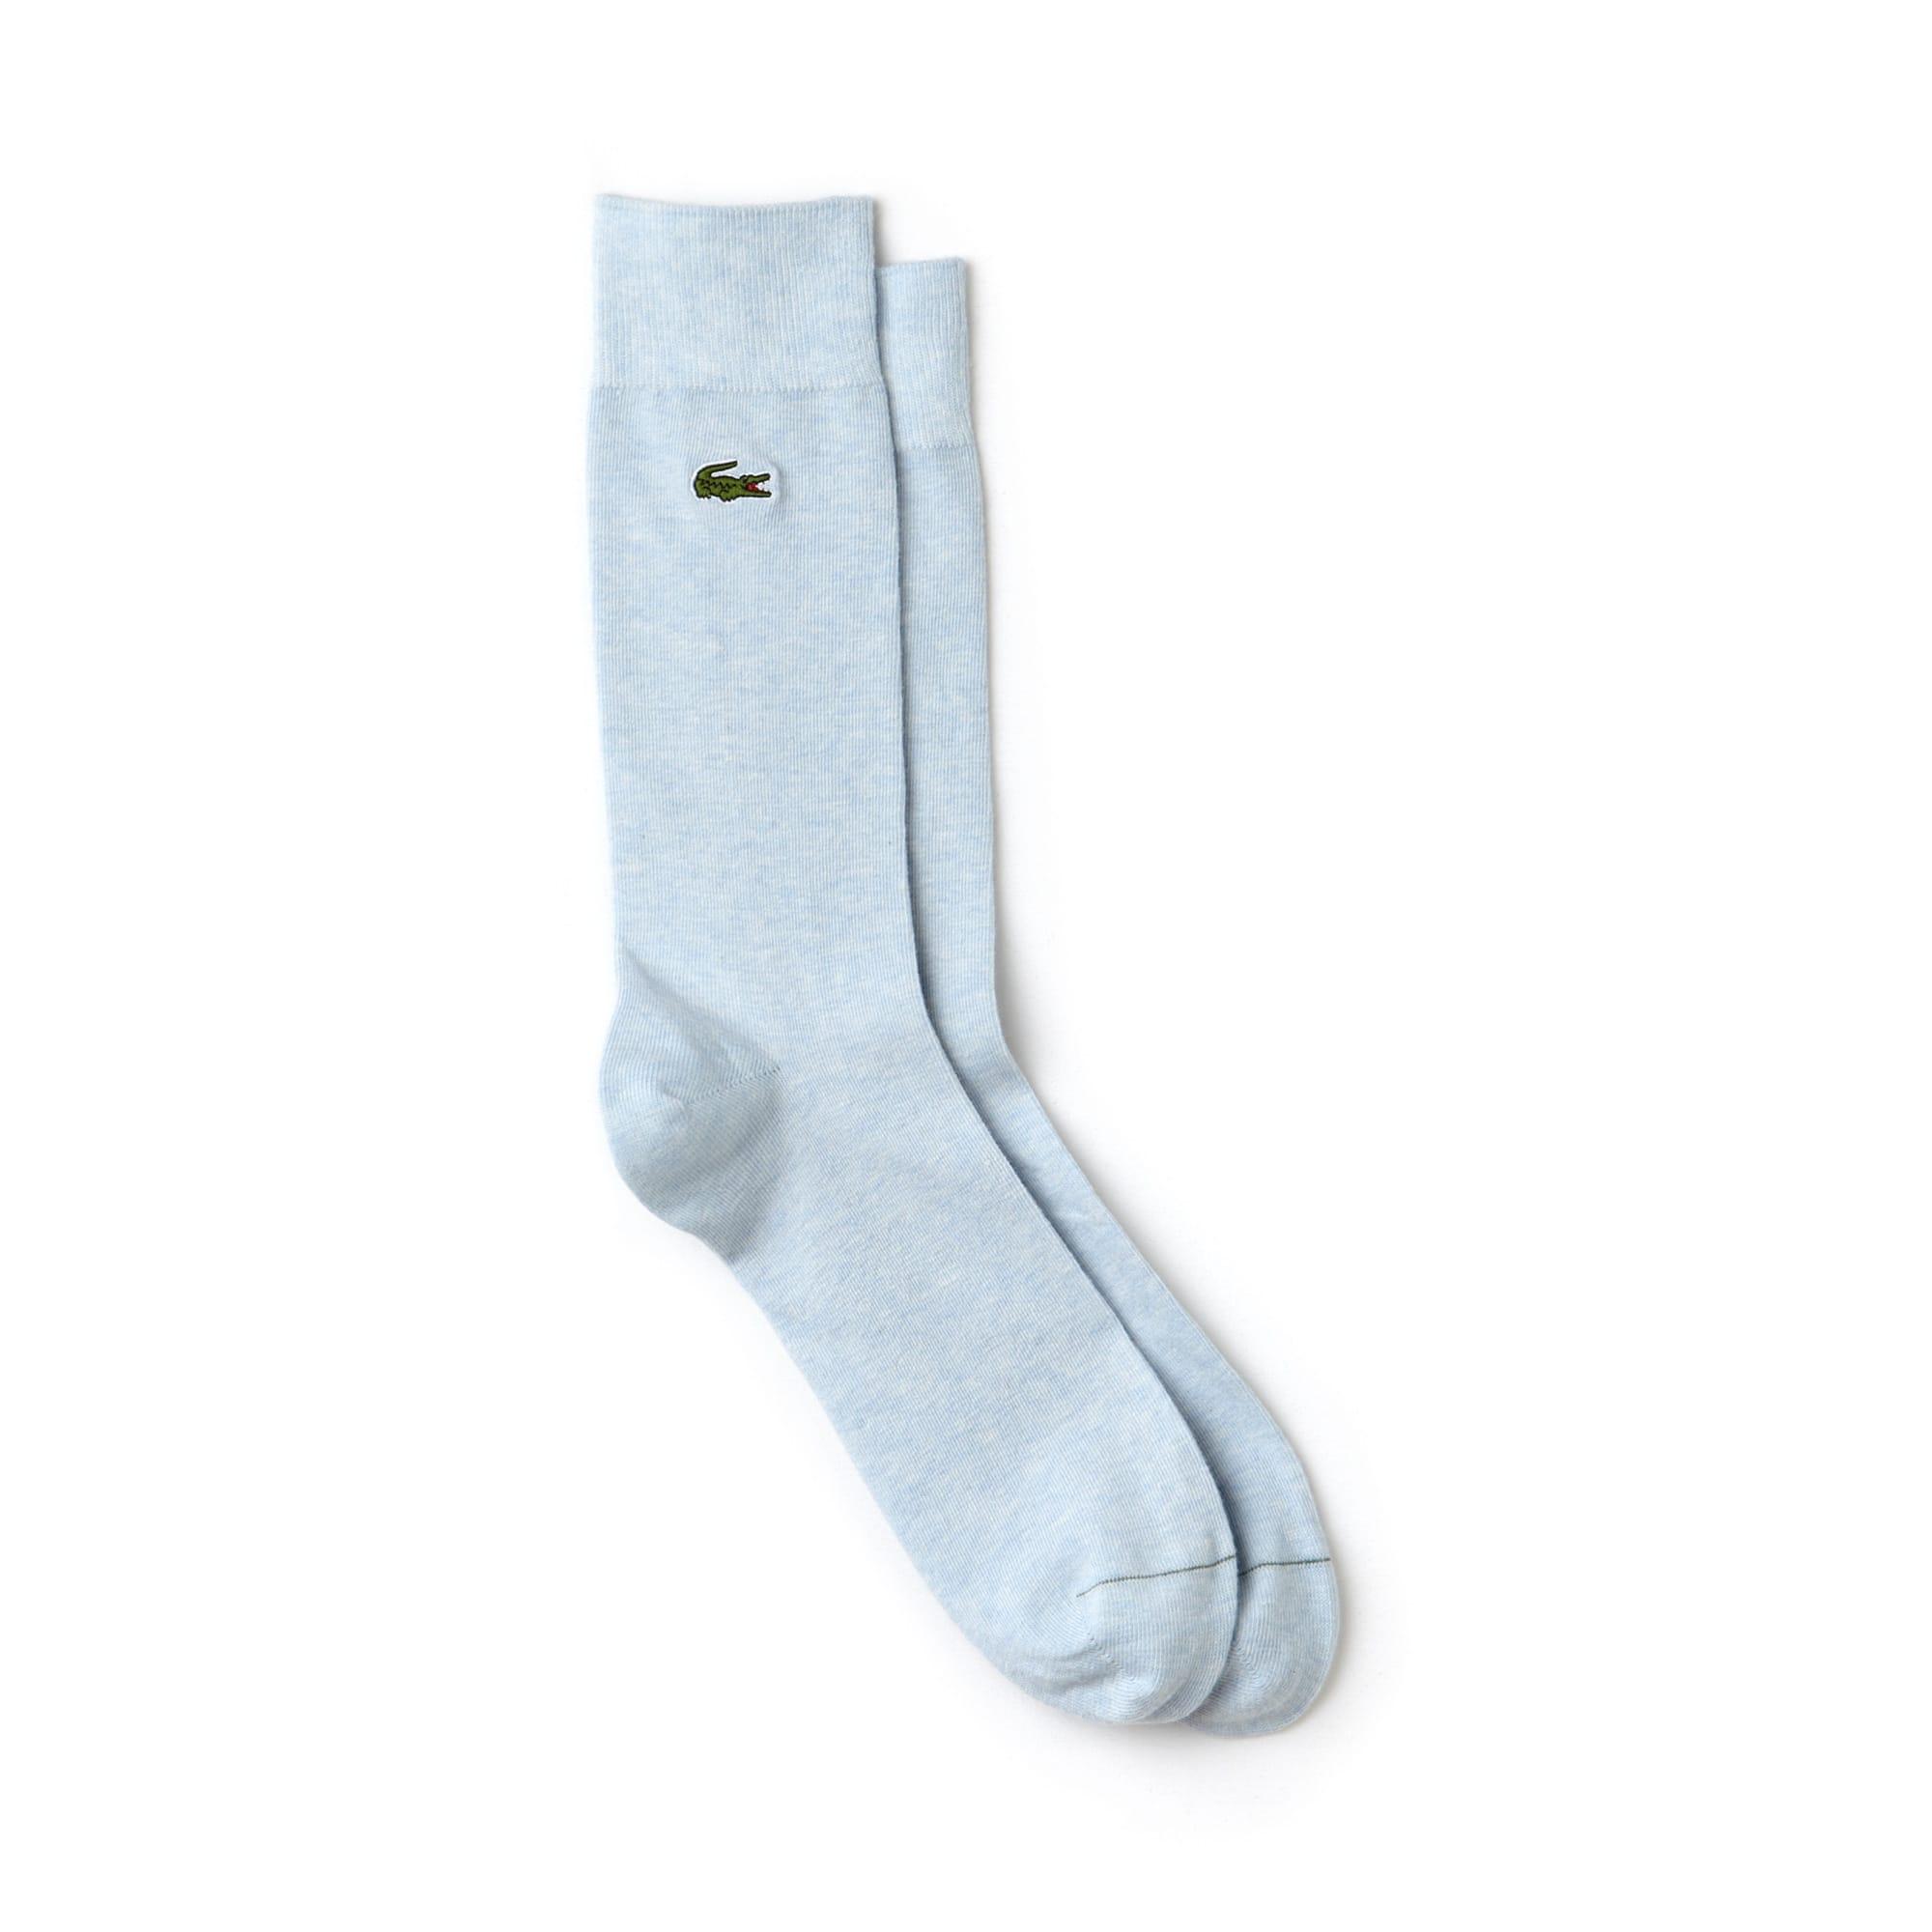 Men's Socks in unicolor jersey